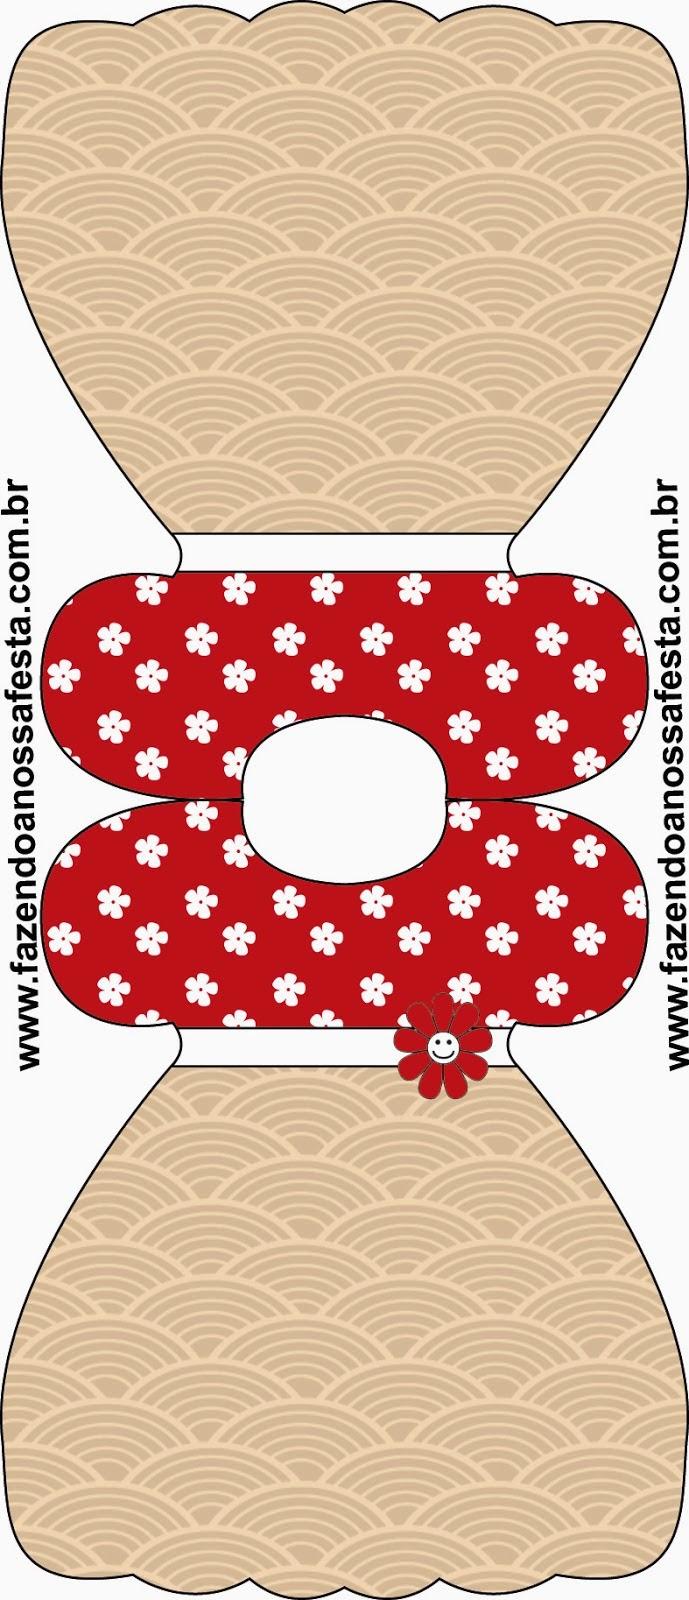 Tarjeta con forma de Vestido para Imprimir Gratis de Fiesta Estilo Japonés.